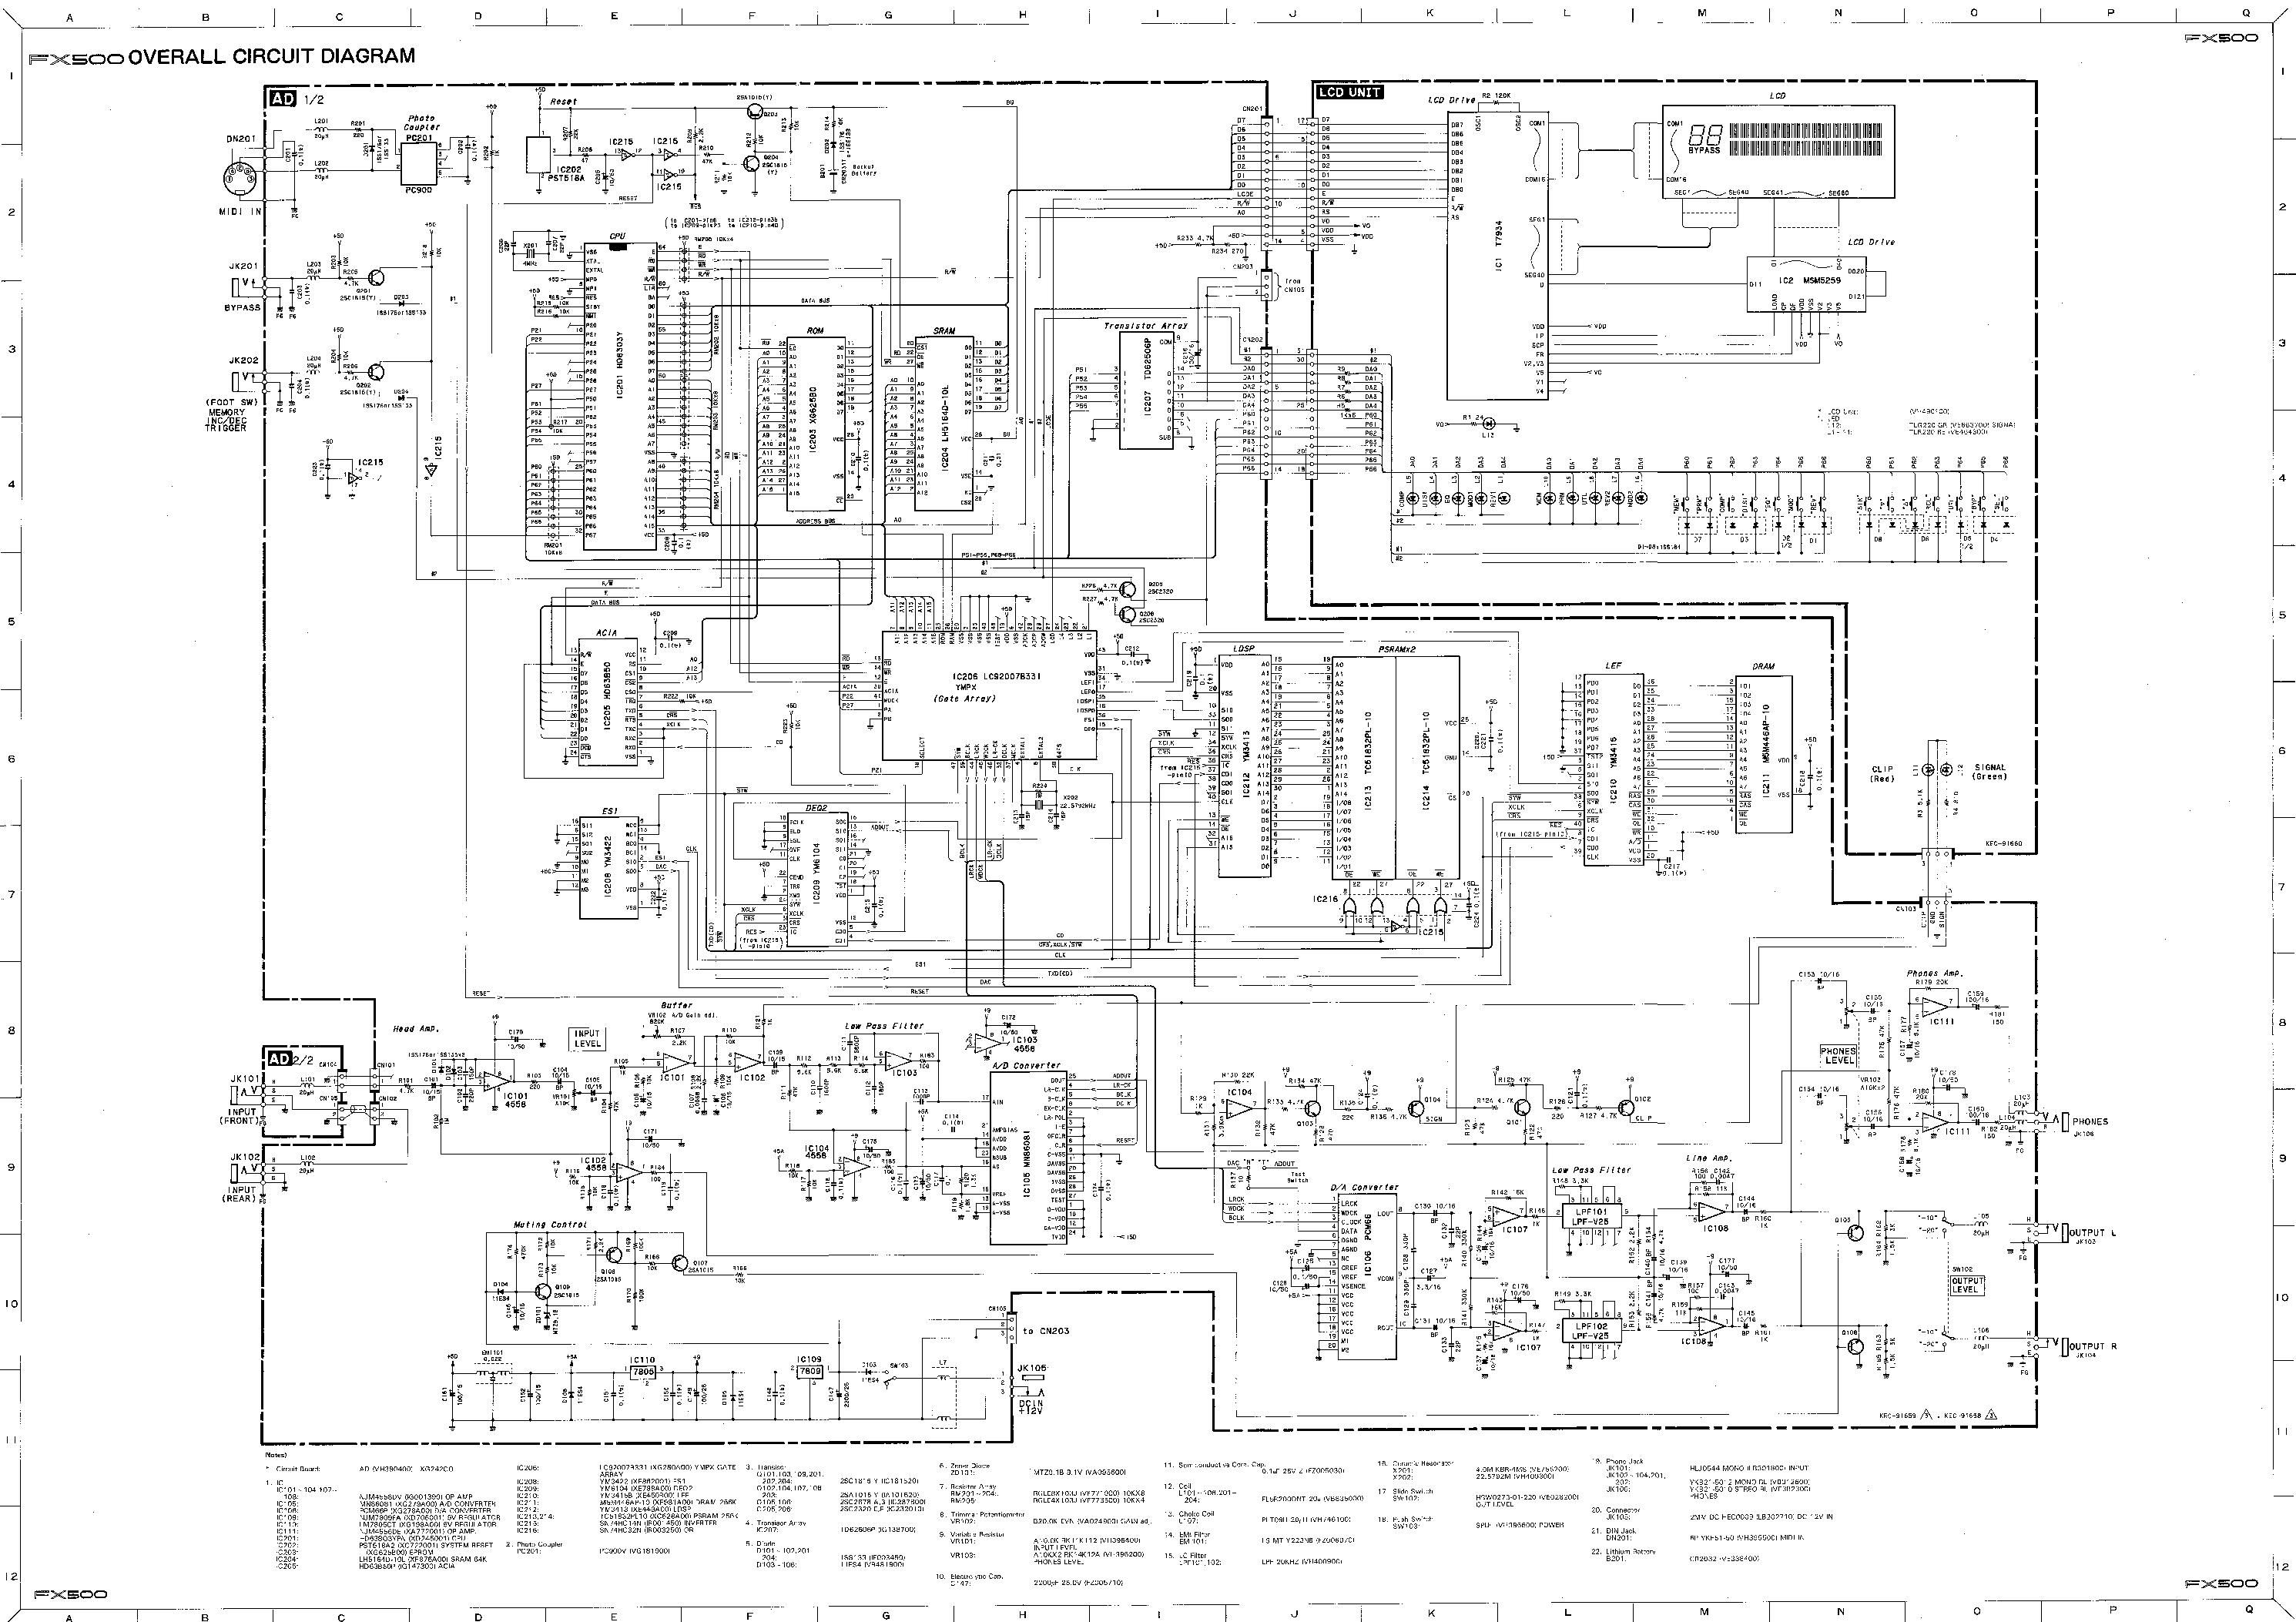 yamaha fx500 audio sch service manual download  schematics